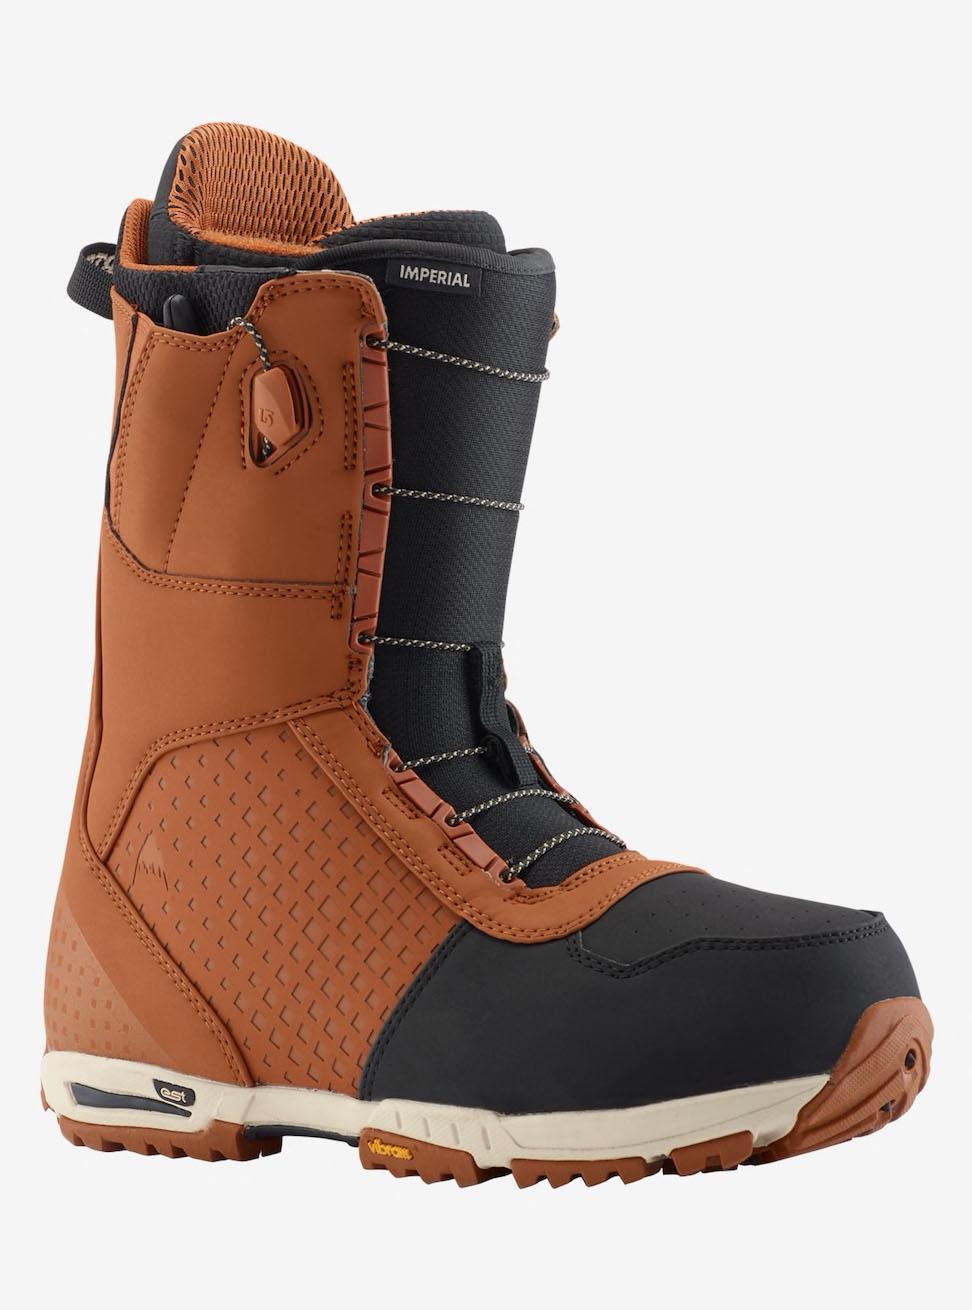 2019 Burton Imperial Speedzone Boots